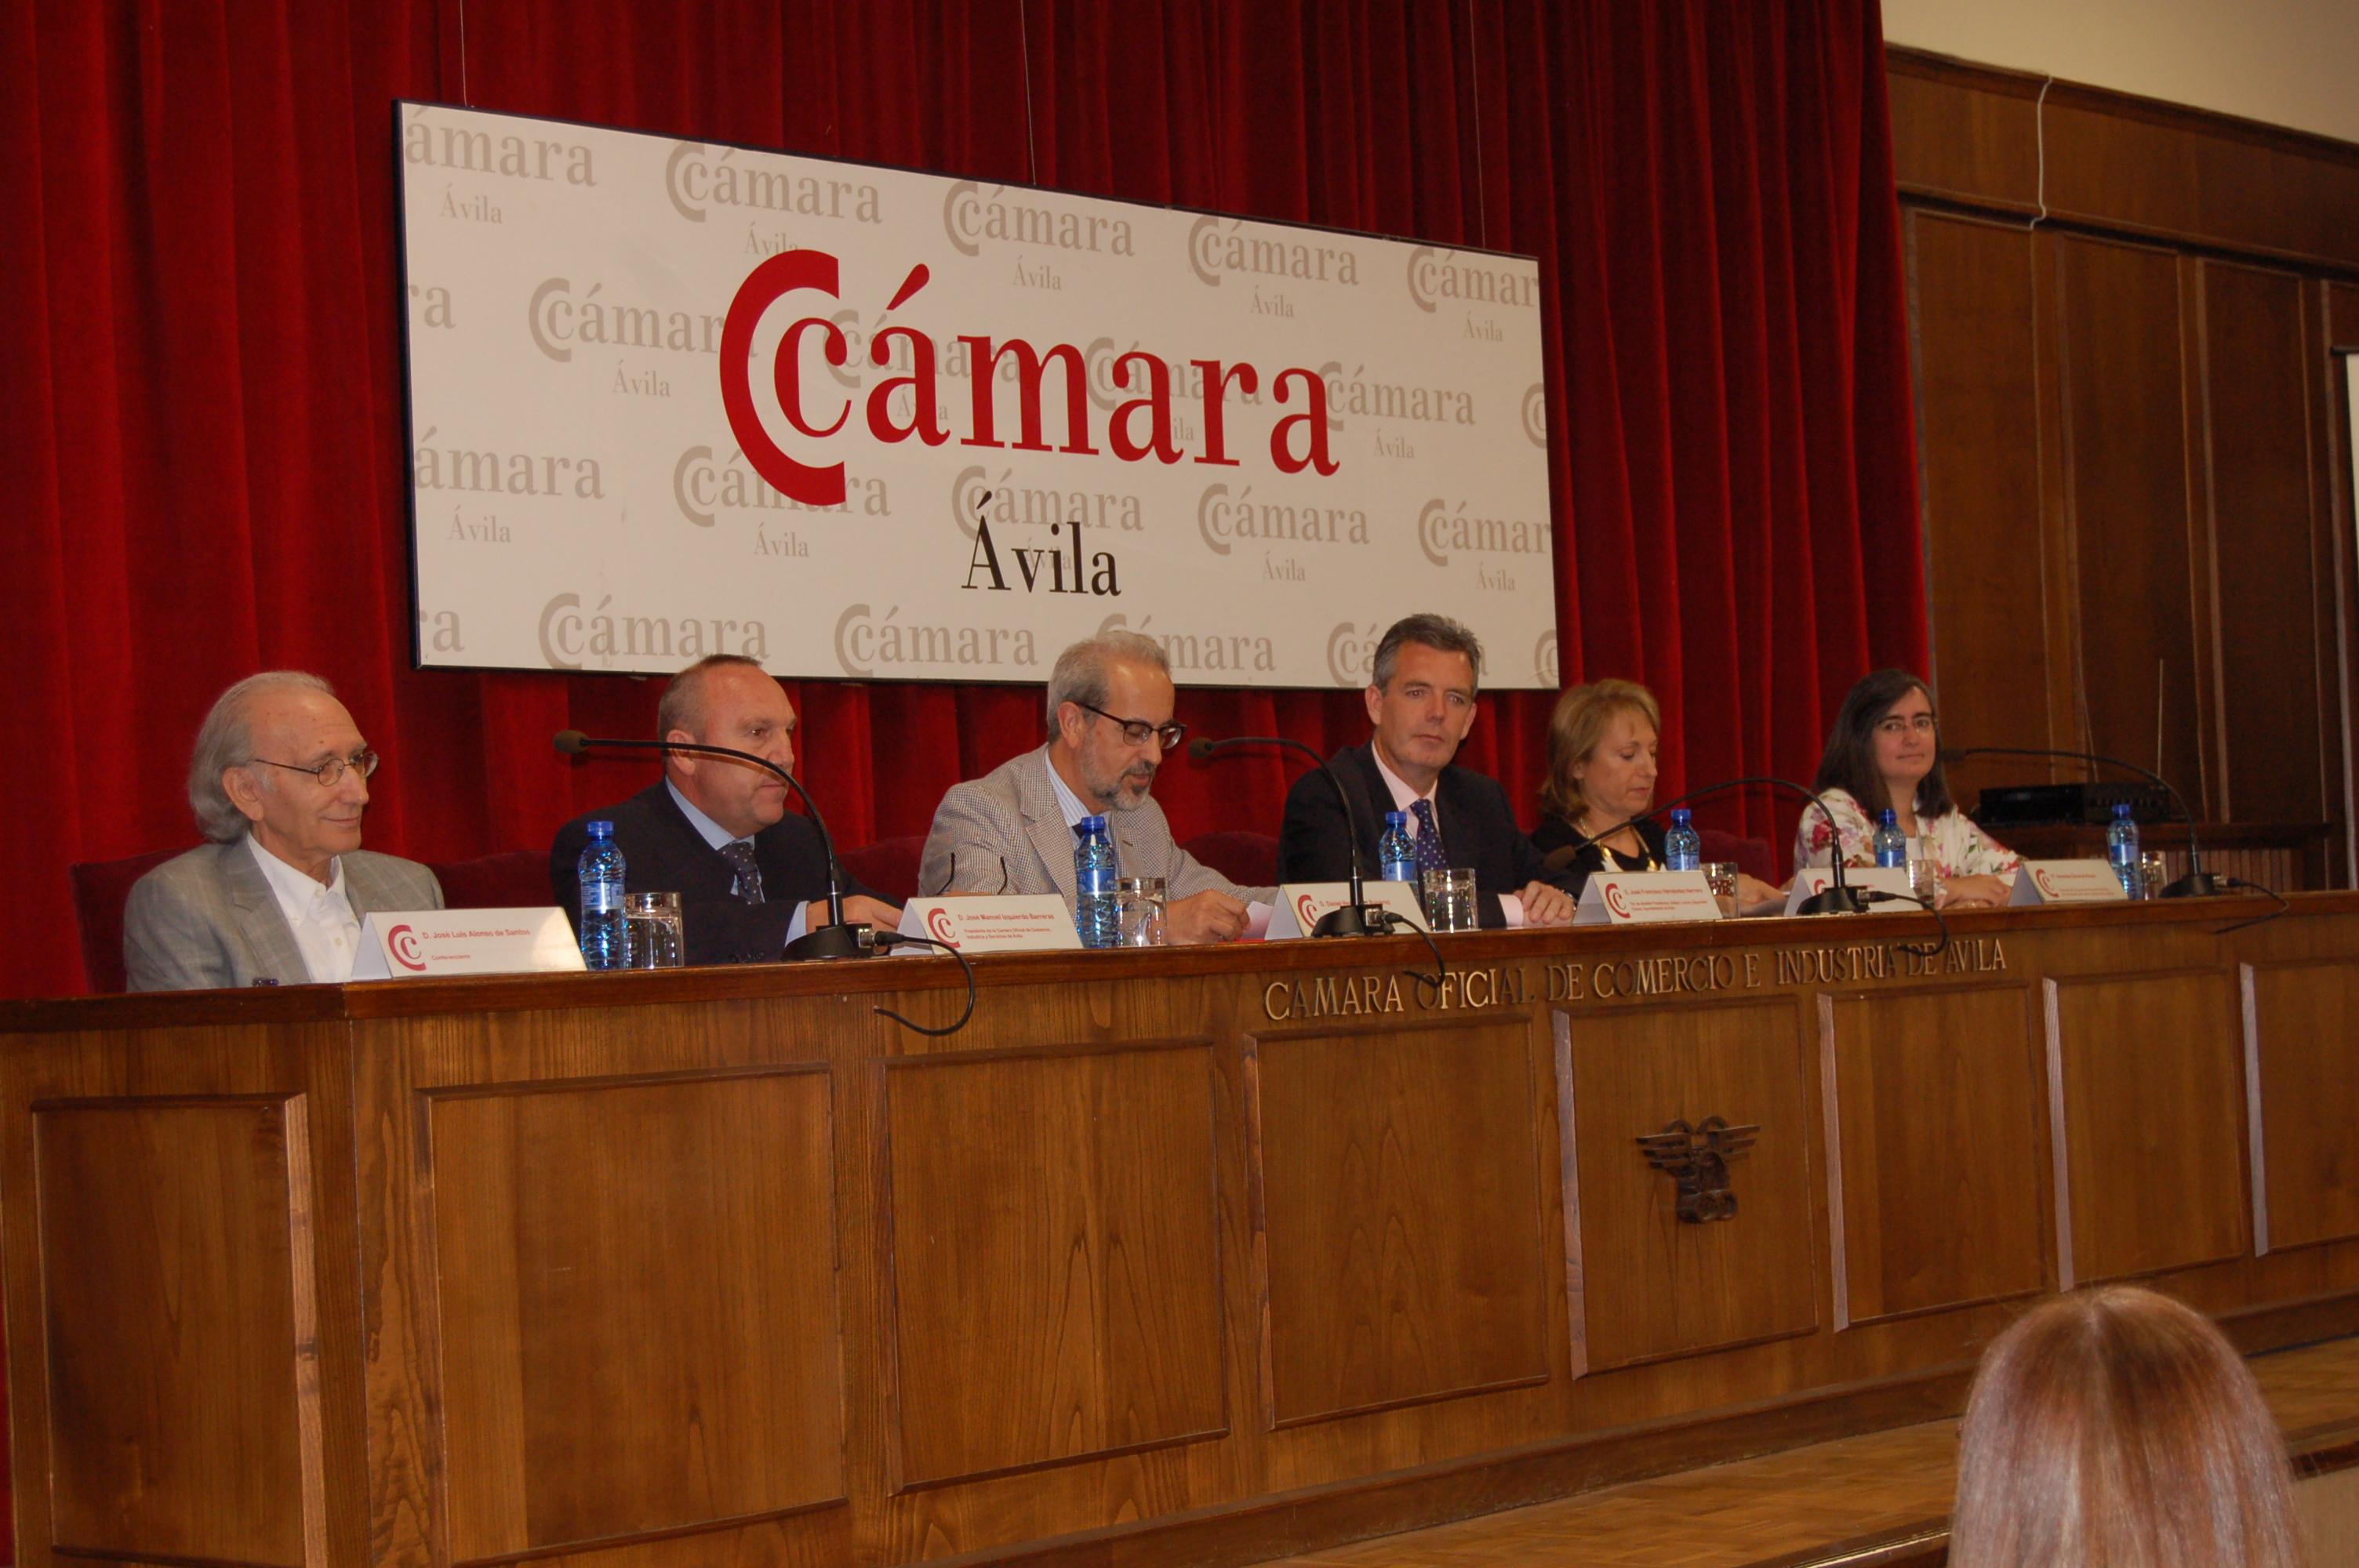 El rector preside la inauguración del Congreso Internacional de la Asociación Europea de Profesores de Español